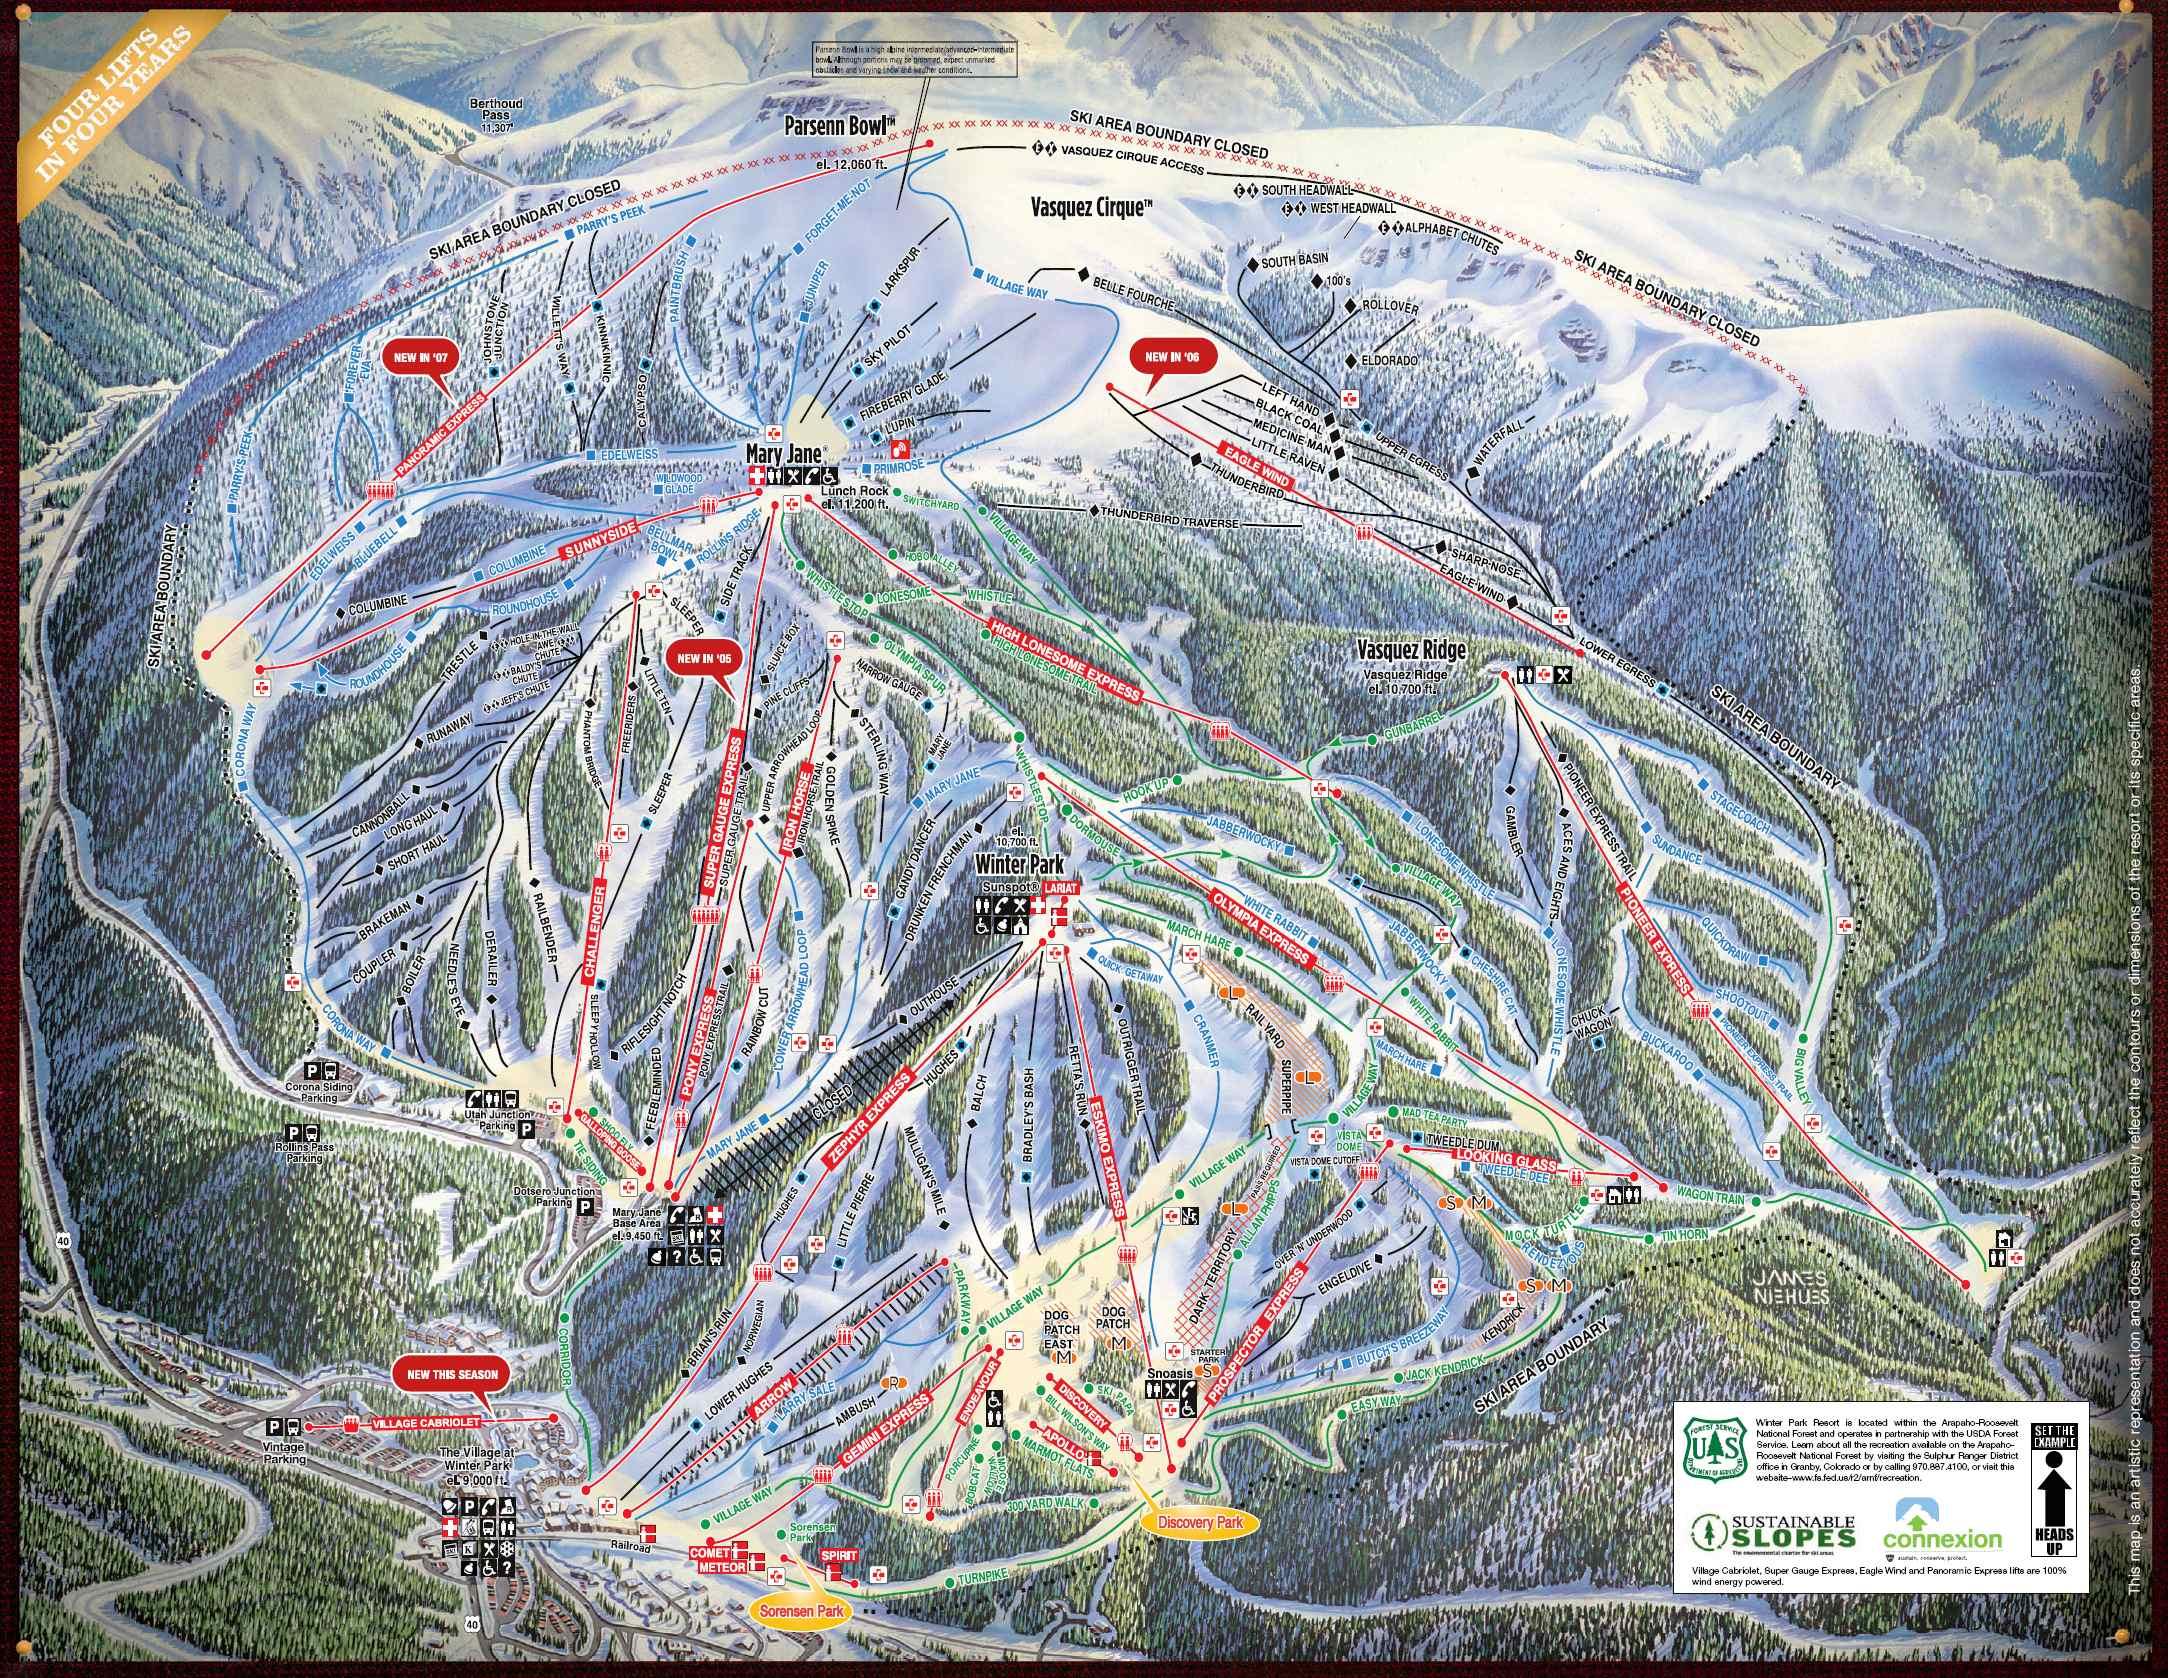 Winter Park Colorado Map | compressportnederland